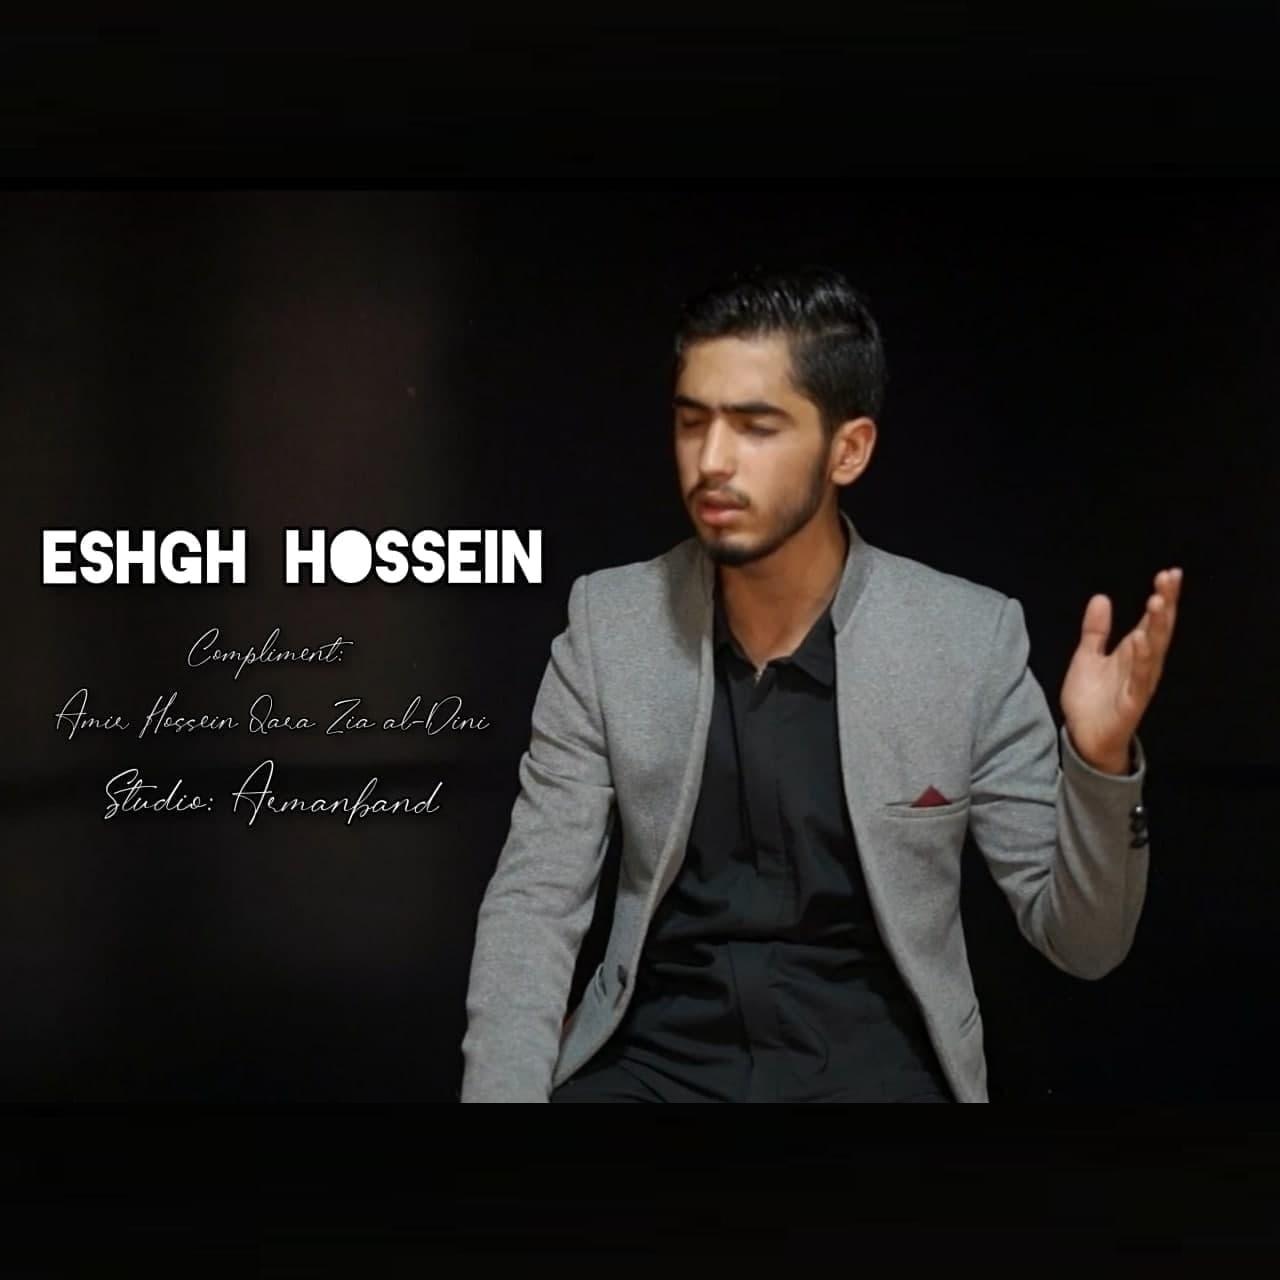 https://s20.picofile.com/file/8441431892/04Amir_Hossein_Qara_Zia_al_dini_Eshgh_Hossein.jpg